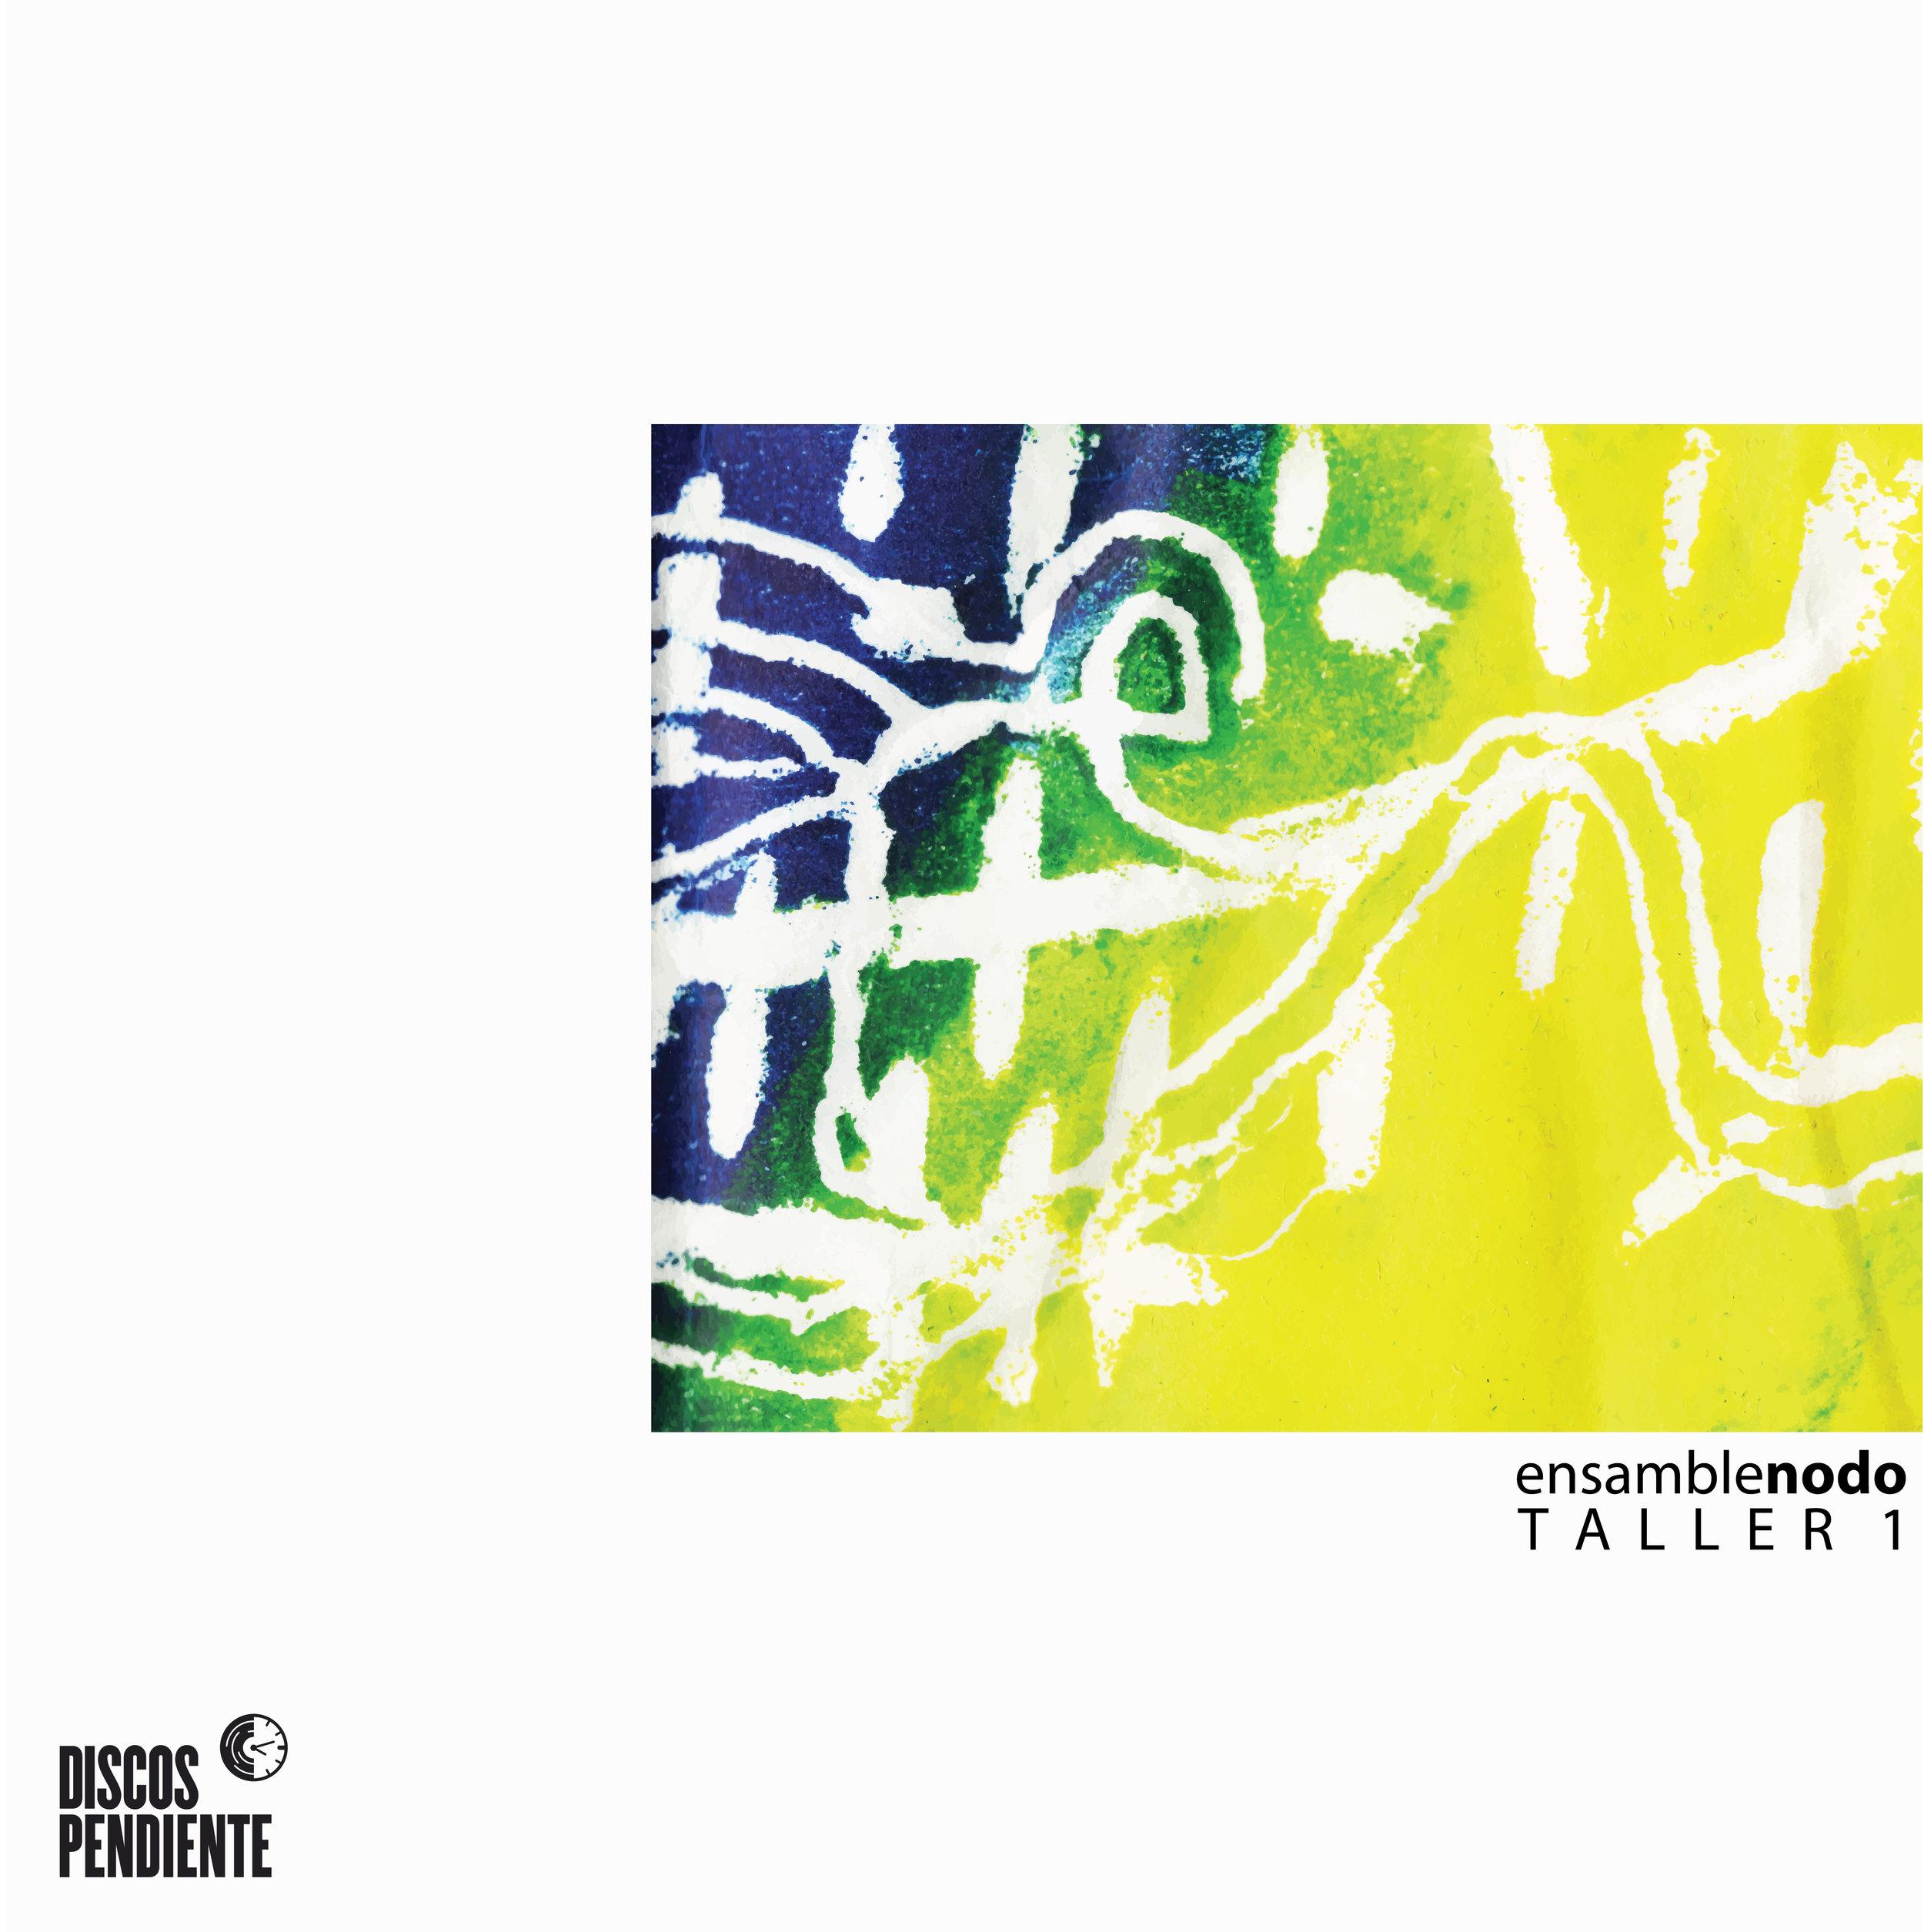 Taller 1 (DPCD44)